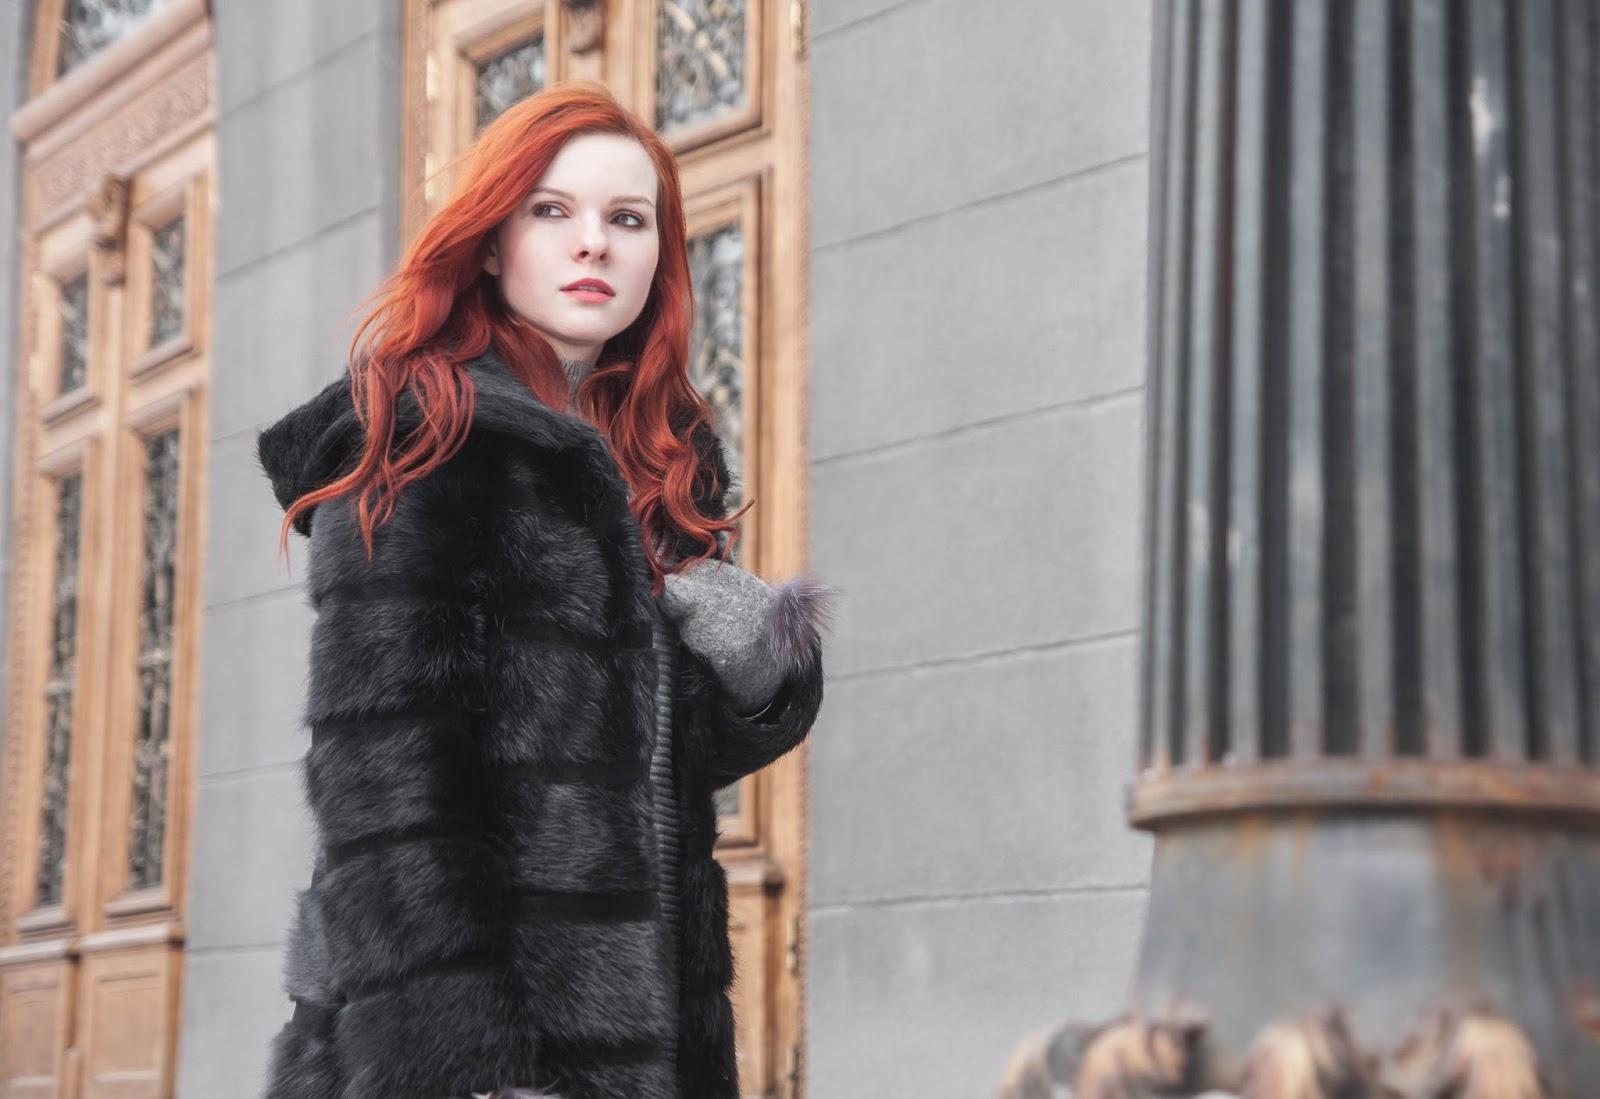 http://www.recklessdiary.ru/2018/03/modnaya-shuba-2018-s-chem-nosit-plate-sviter-shein-otzyvy.html